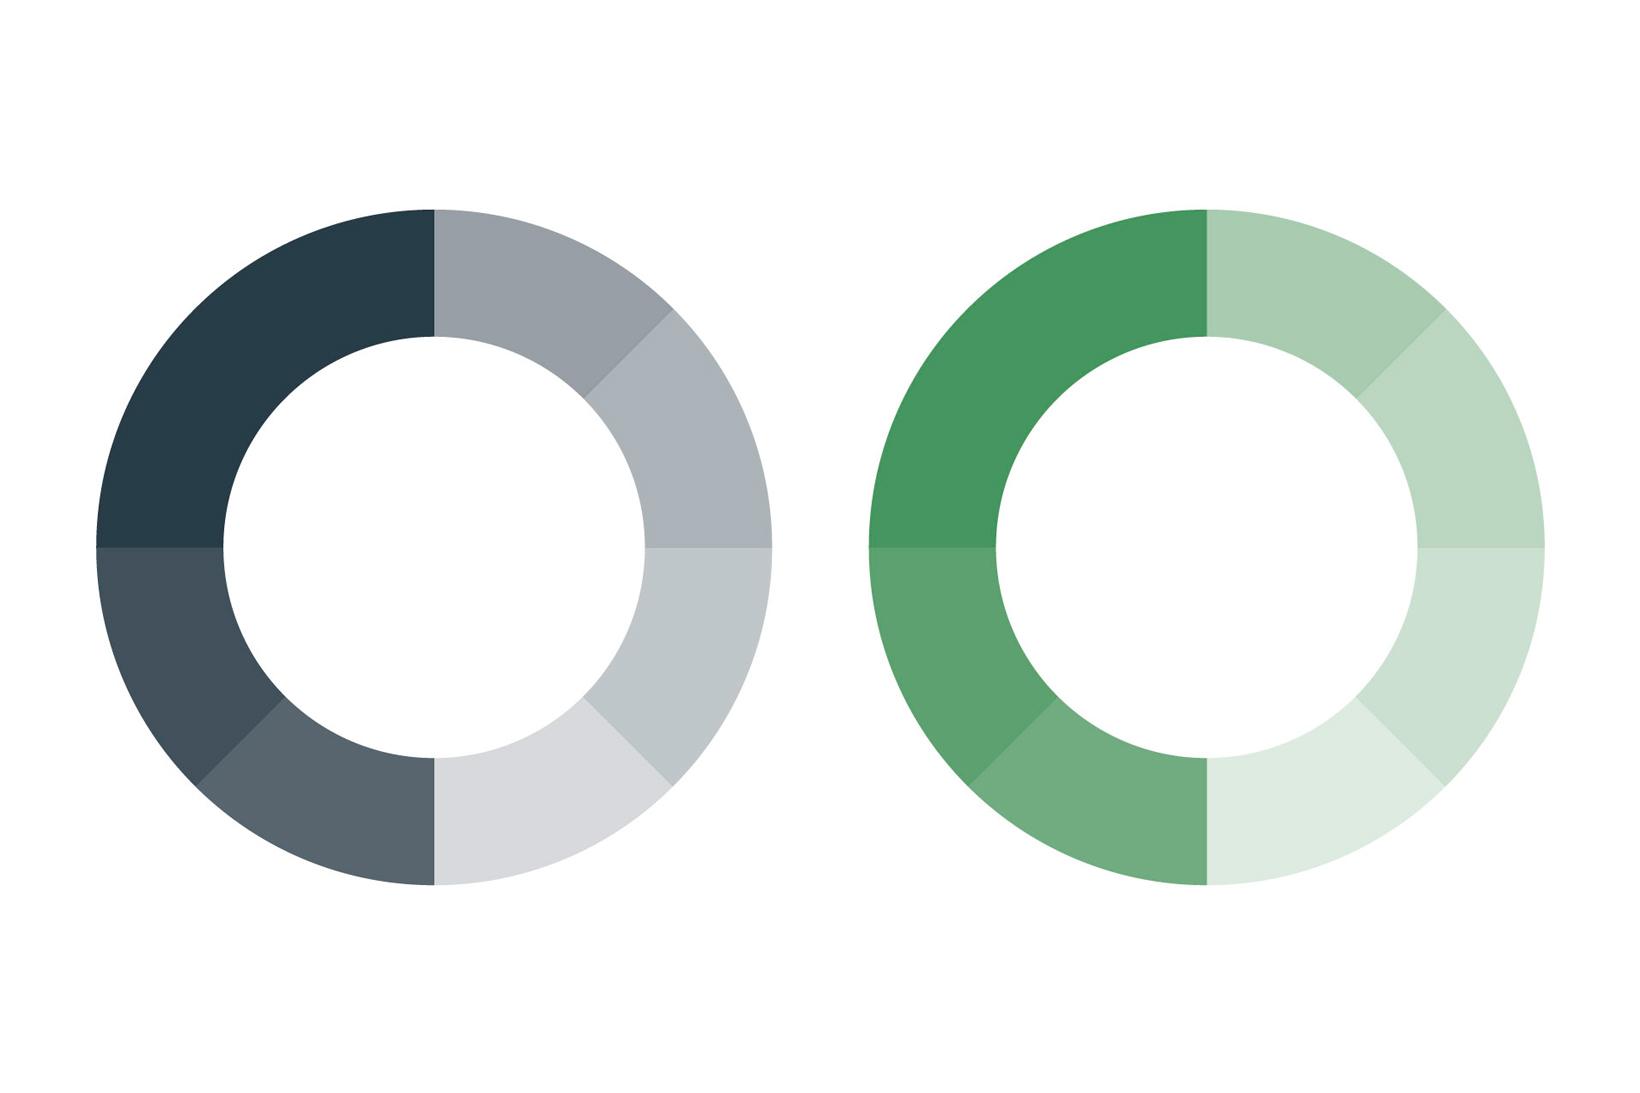 Tesslach branding identidad corporativa color diseño gráfico Vibranding